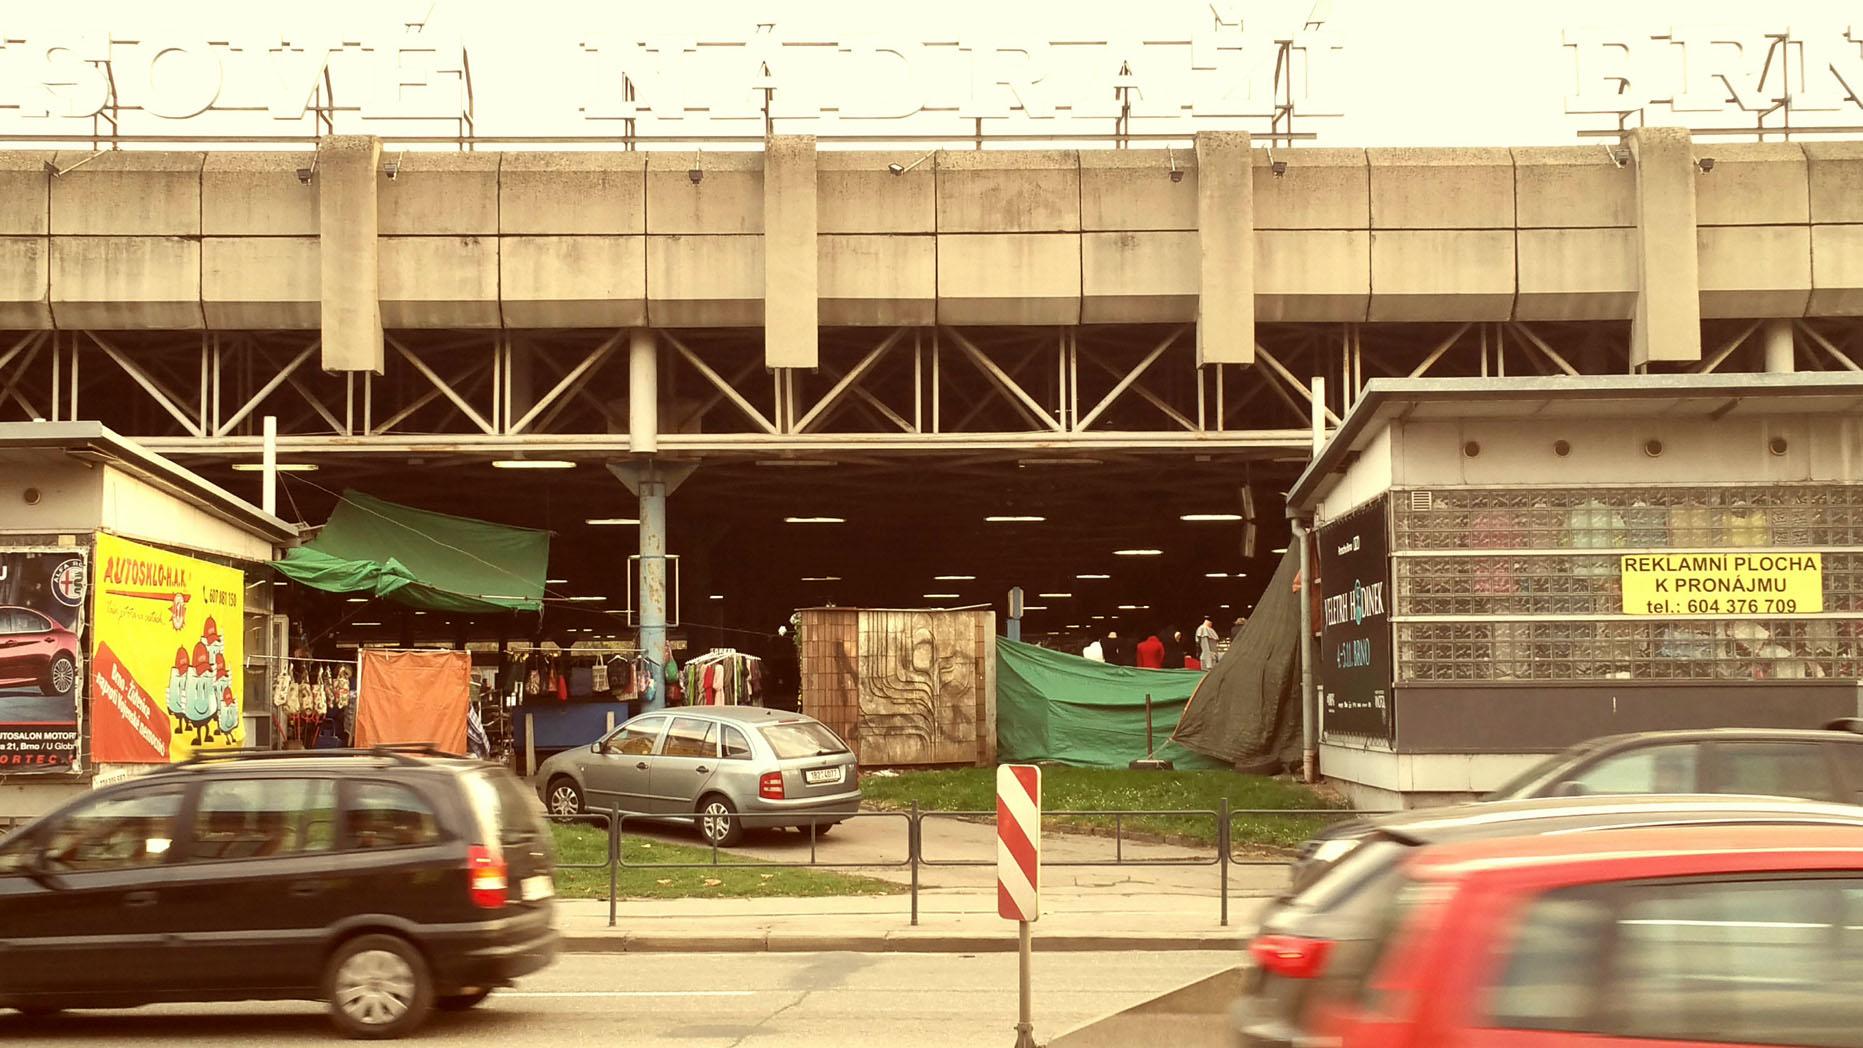 Autobusové nádraží Brno Zvonařka